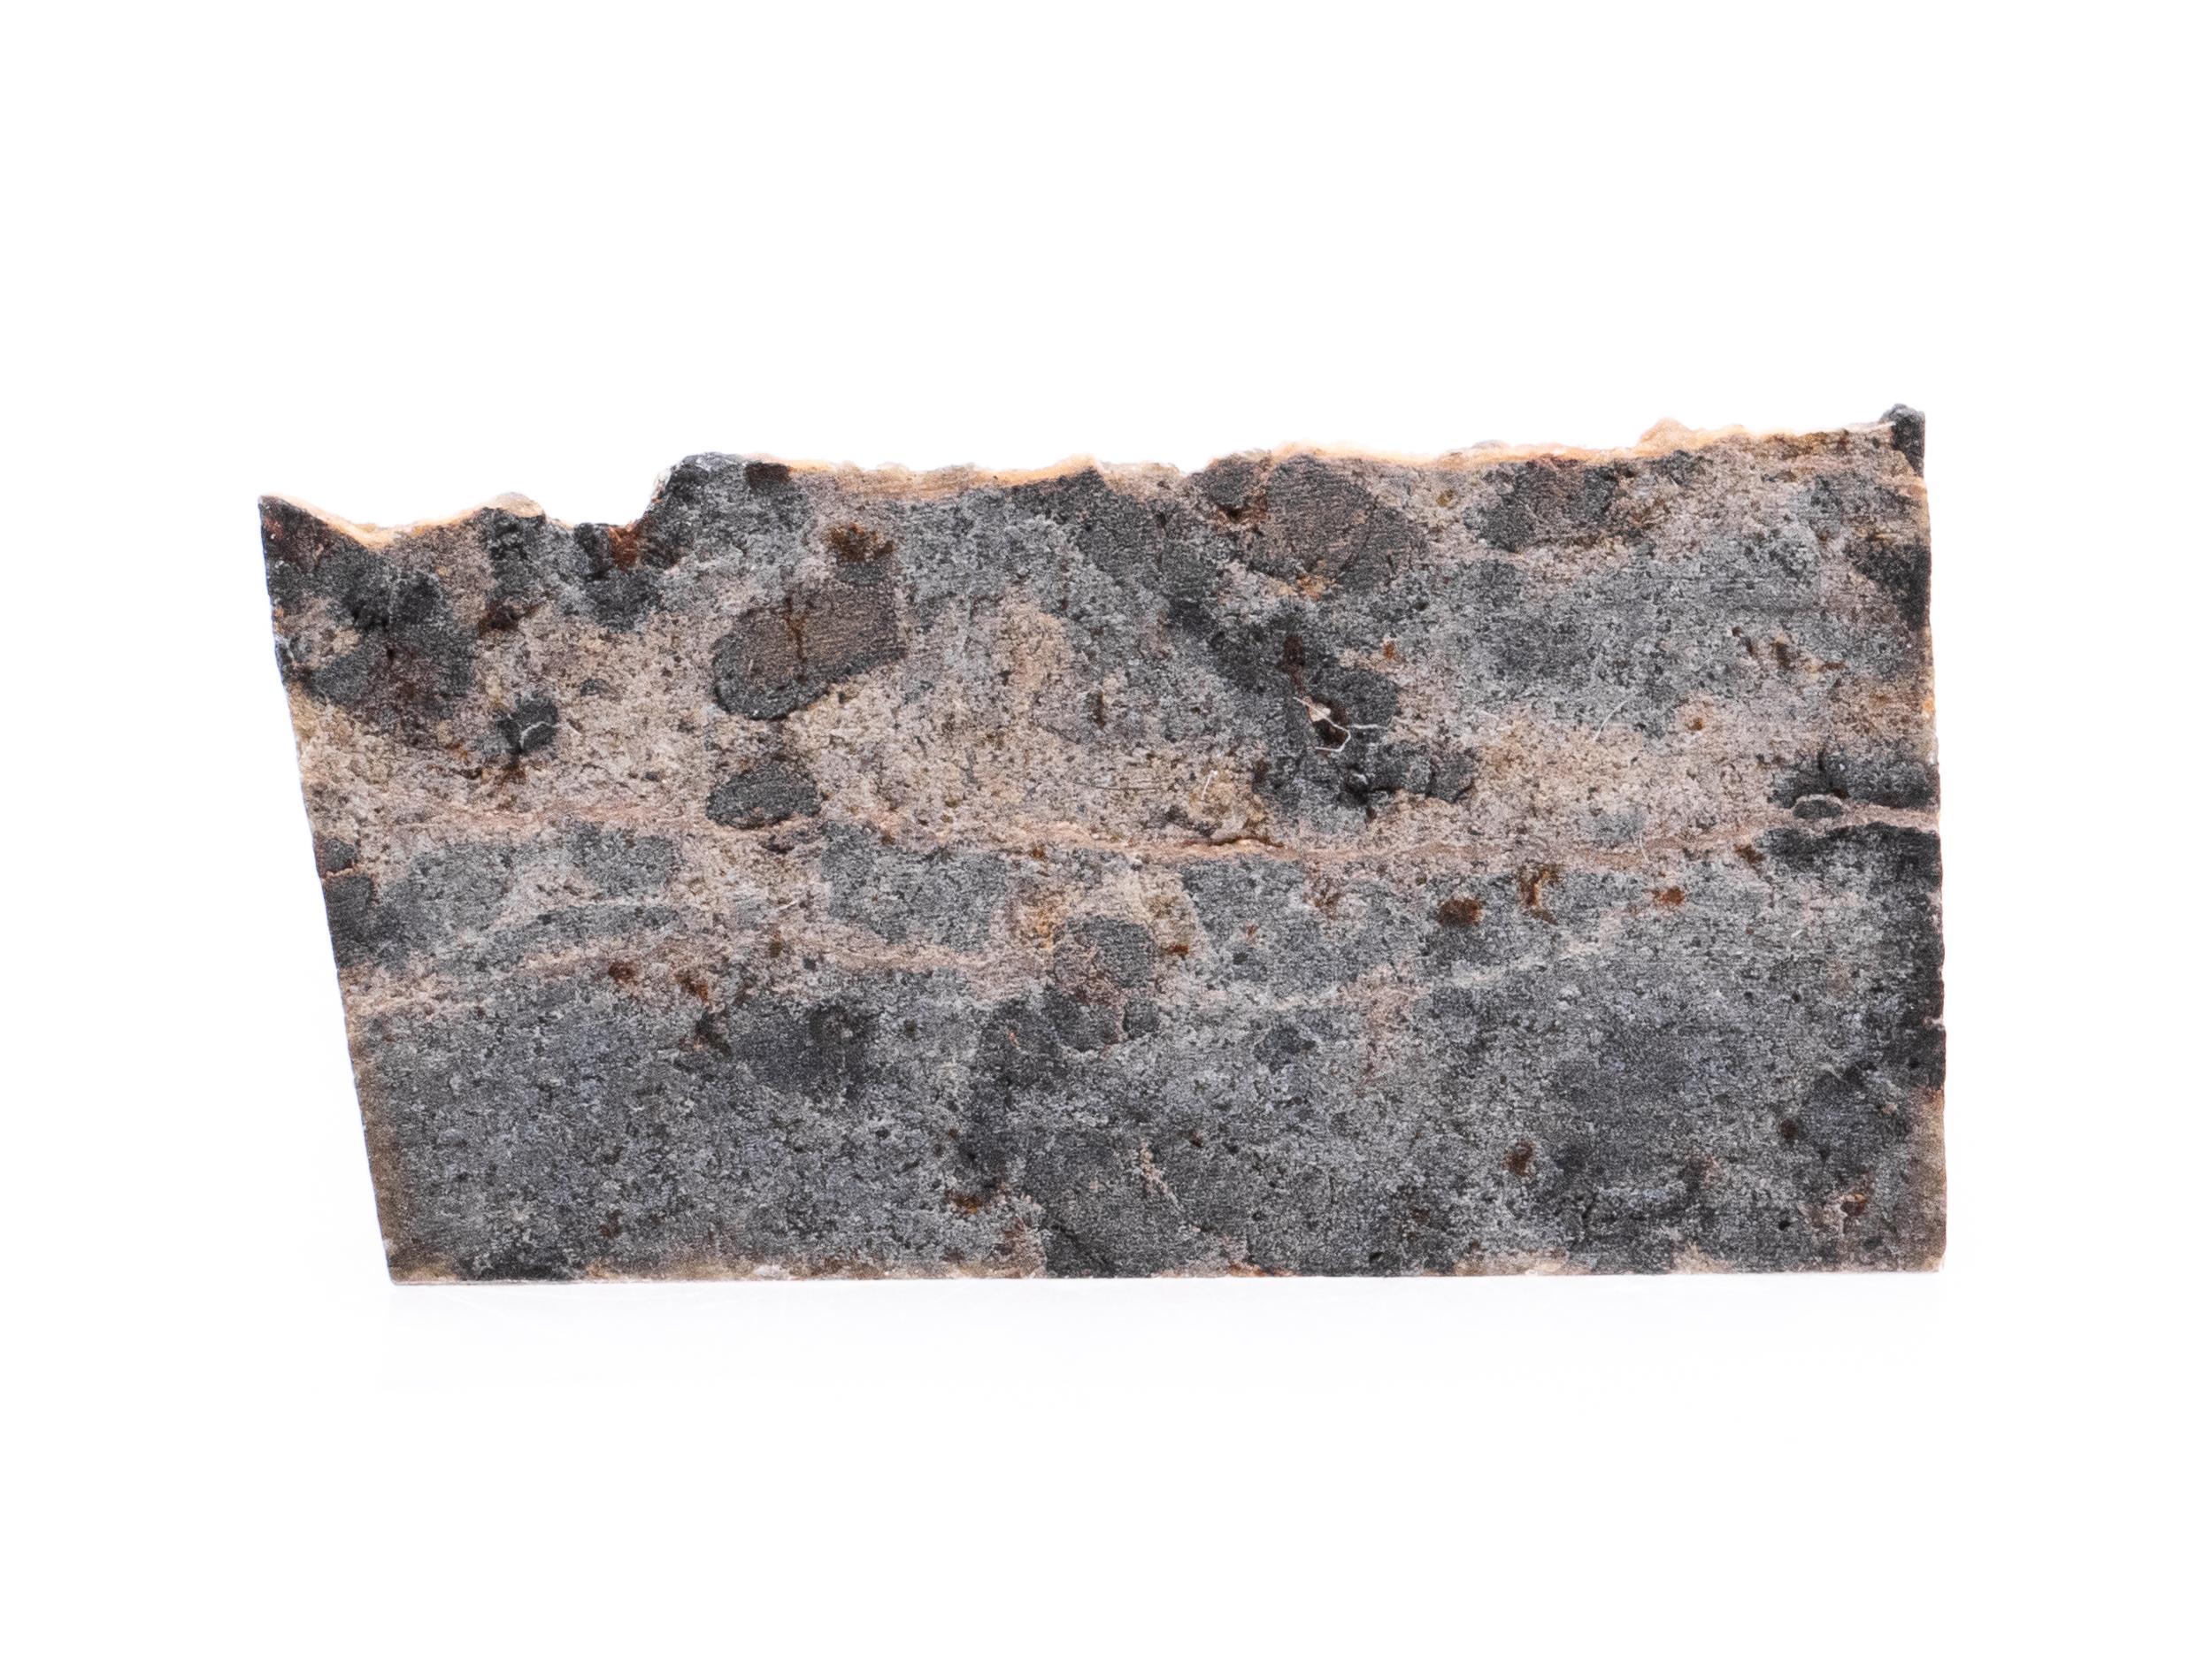 mars meteorite 27